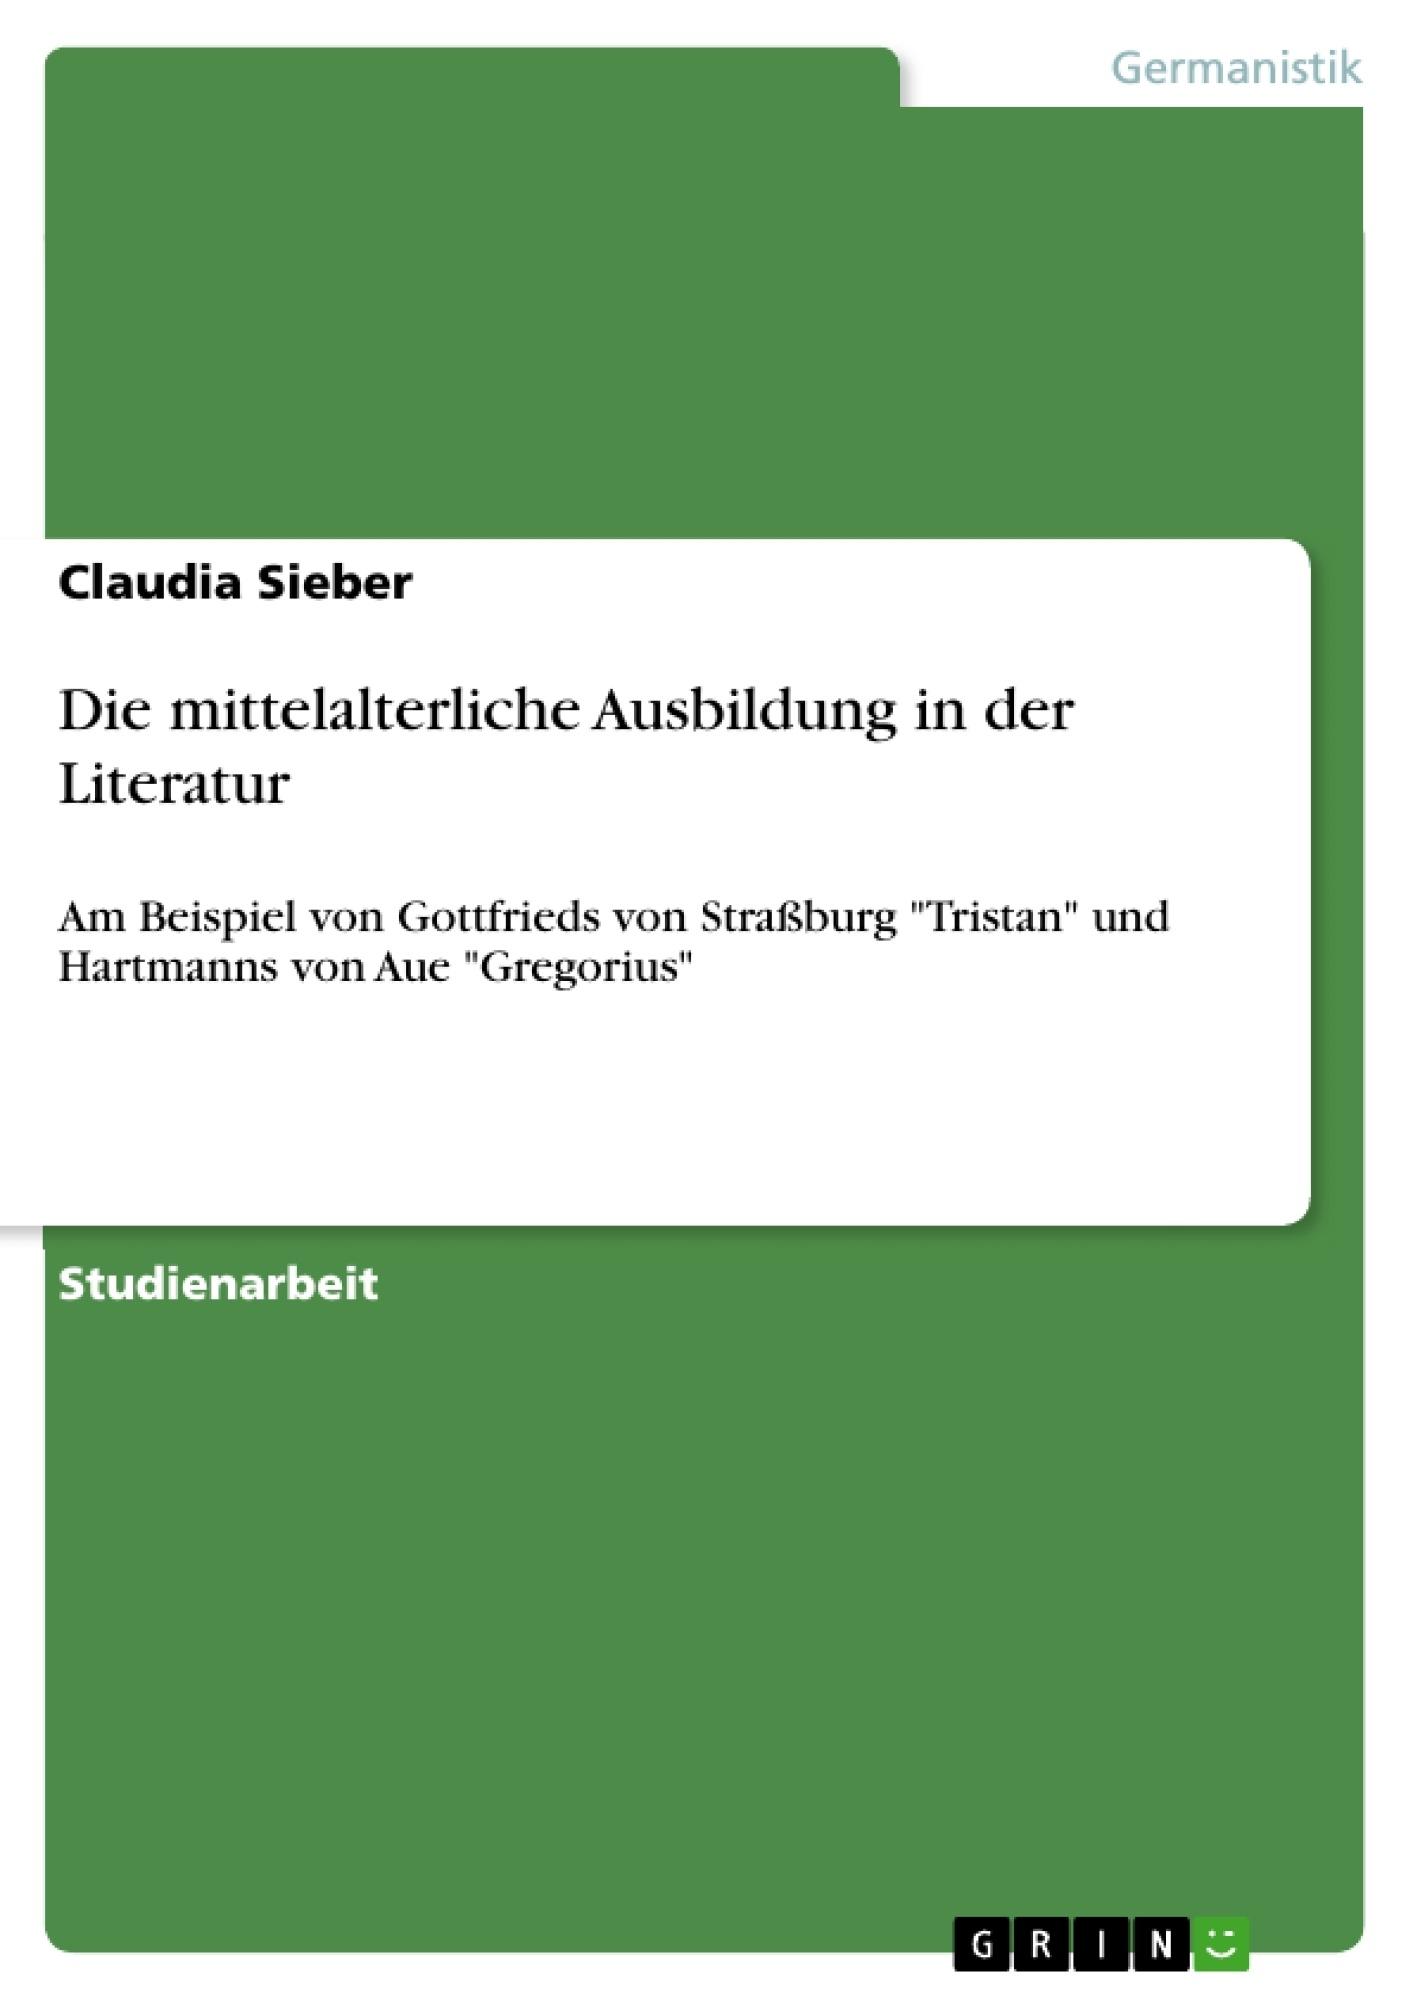 Titel: Die mittelalterliche Ausbildung in der Literatur